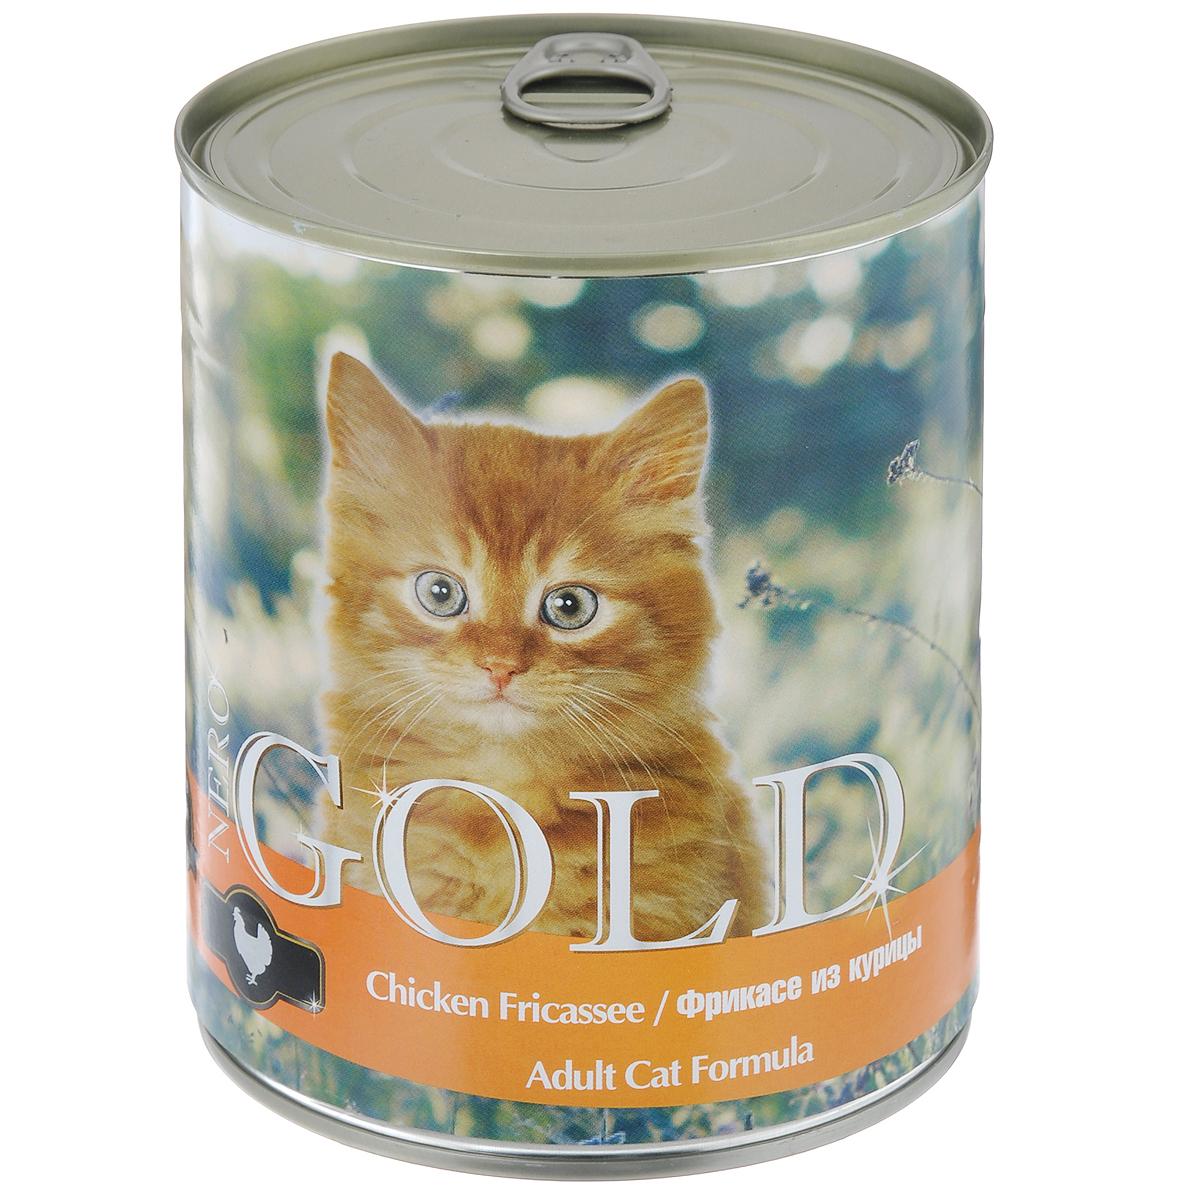 Консервы для кошек Nero Gold, с фрикасе из курицы, 810 г0120710Консервы для кошек Nero Gold - полнорационный продукт, содержащий все необходимые витамины и минералы, сбалансированный для поддержания оптимального здоровья вашего питомца! Состав: мясо и его производные, филе курицы, злаки, витамины и минералы. Гарантированный анализ: белки 6%, жиры 4,5%, клетчатка 0,5%, зола 2%, влага 81%.Пищевые добавки на 1 кг продукта: витамин А 1600 МЕ, витамин D 140 МЕ, витамин Е 10 МЕ, таурин 300 мг, железо 24 мг, марганец 6 мг, цинк 15 мг, медь 1 мг, магний 200 мг, йод 0,3 мг, селен 0,2 мг.Вес: 810 г. Товар сертифицирован.